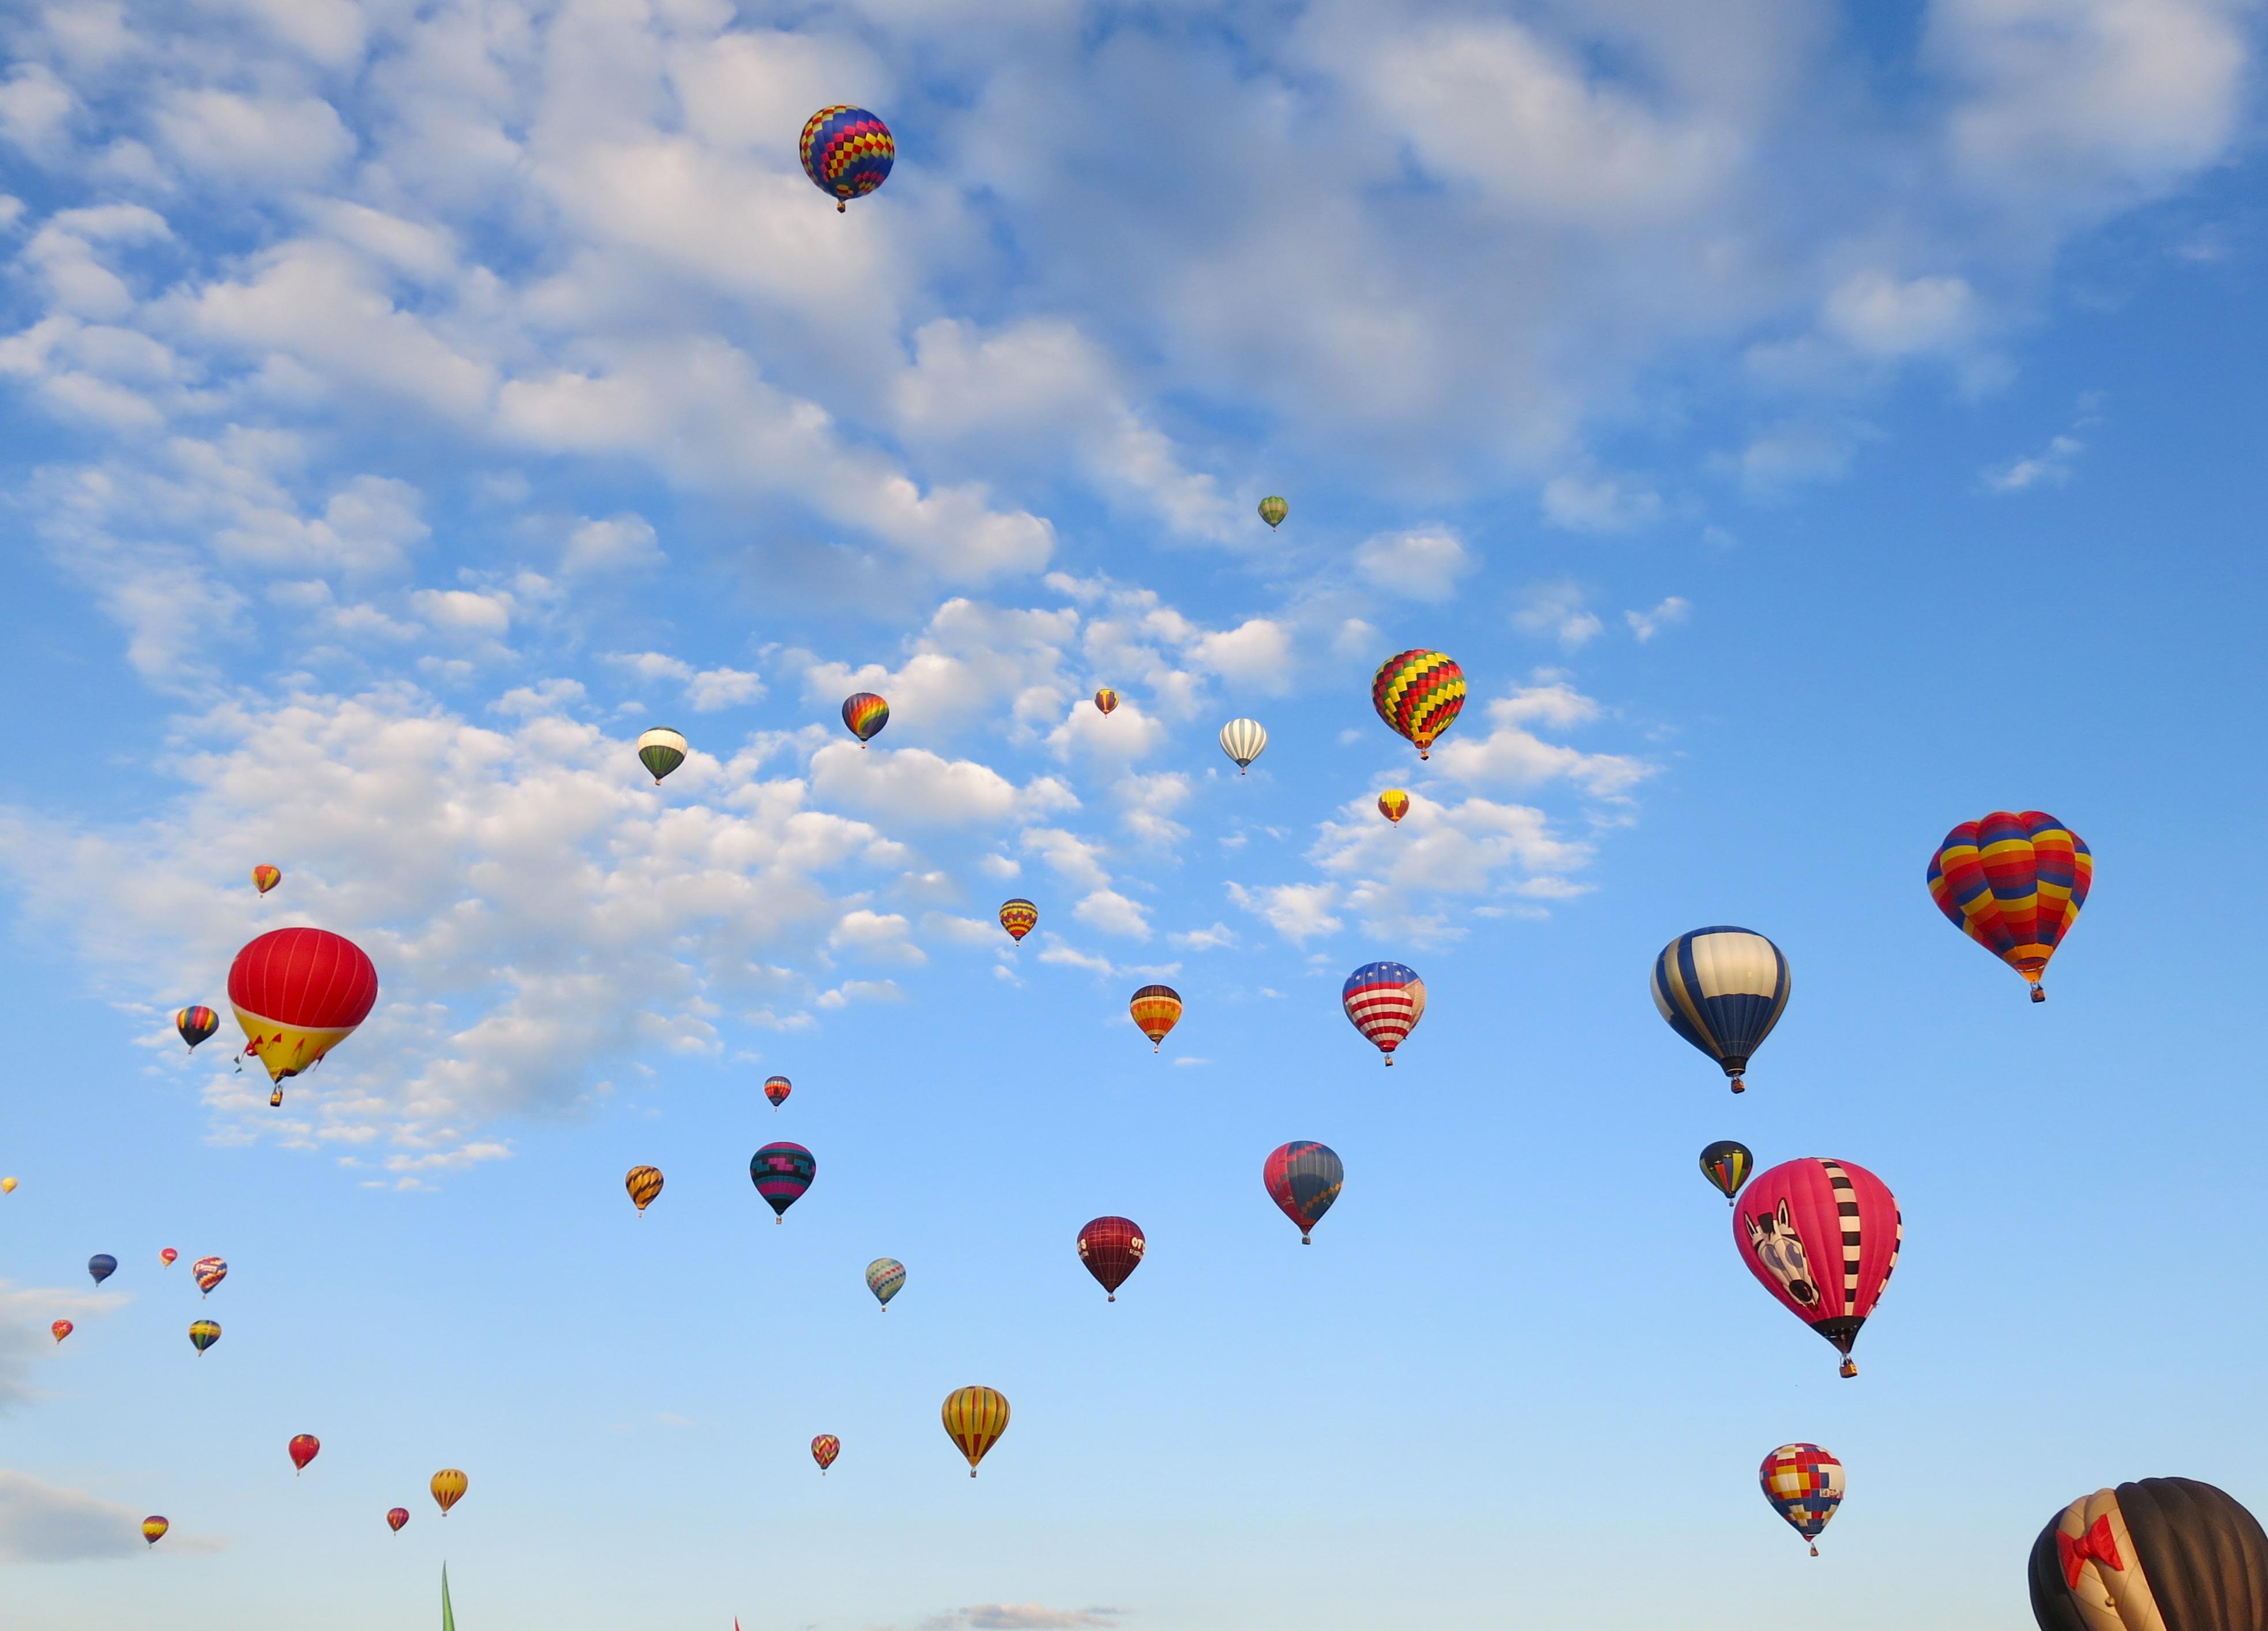 этом картинка с летающими шарами тебе нужен отдельный